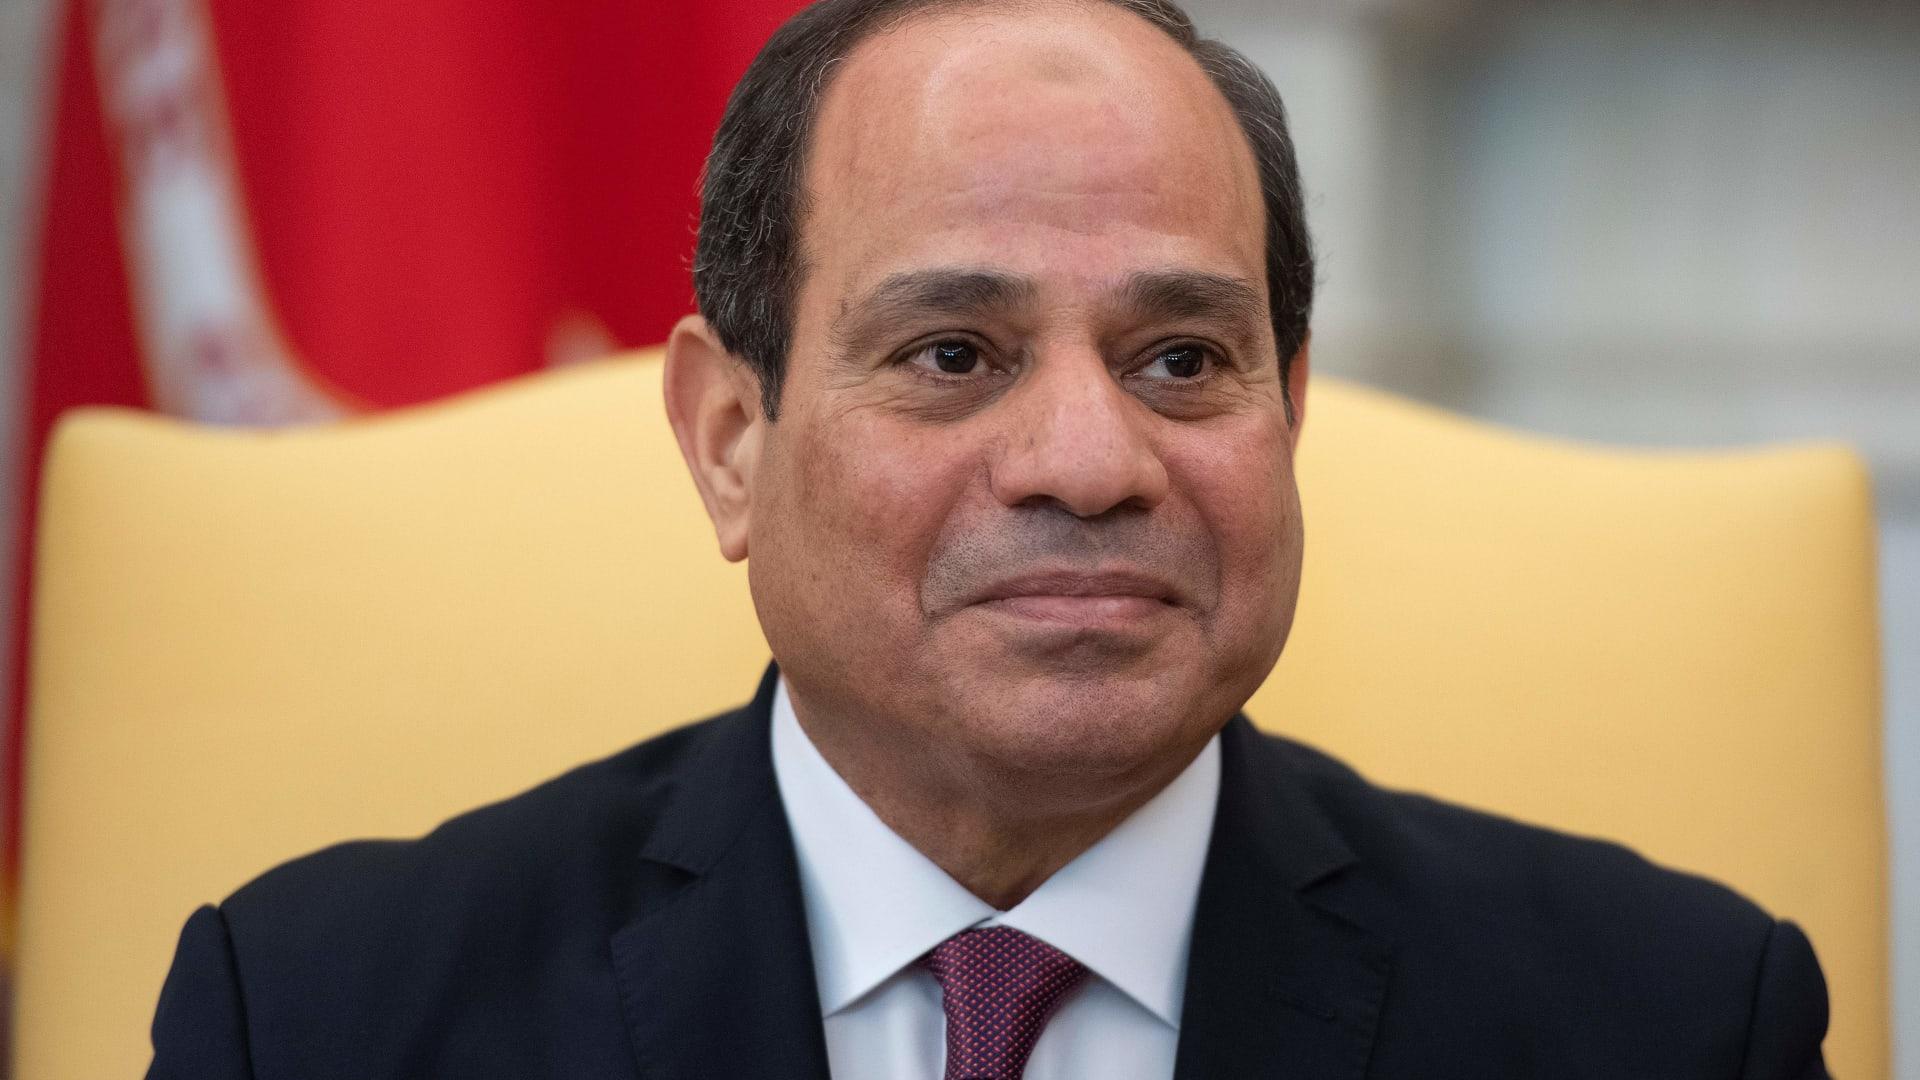 لماذا يعتبر سد النهضة قنبلة موقوتة بالنسبة لمصر؟